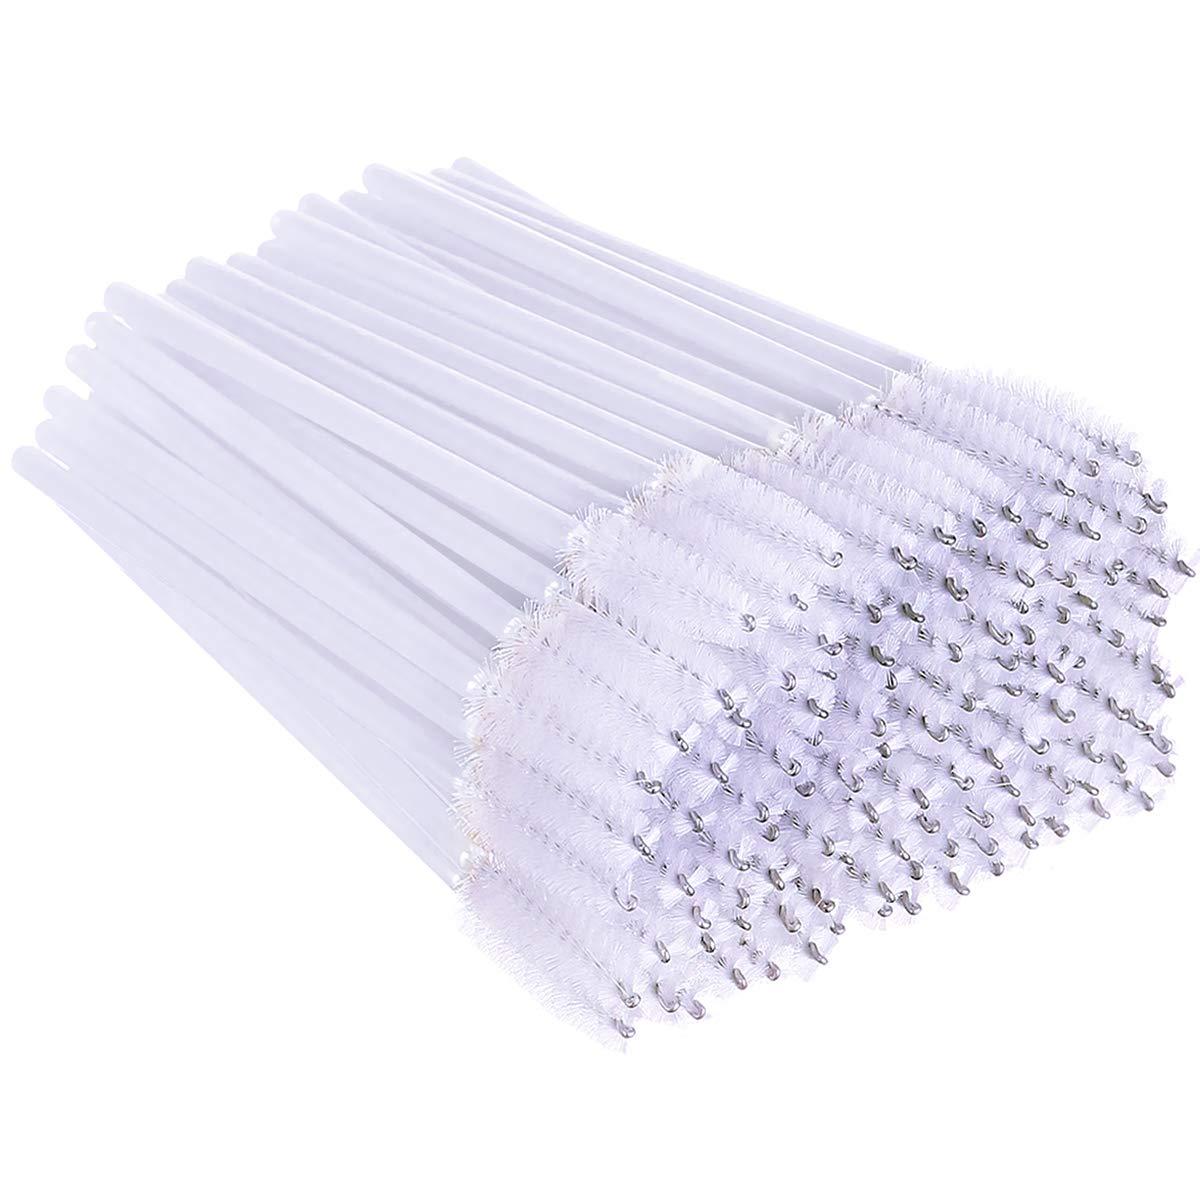 XVbond 100 PCS Disposable Eyelash Mascara Brushes Mascara Wands Applicator Eyebrow Brush, Eyelash Applicator Brush Makeup Applicators Kit (White)